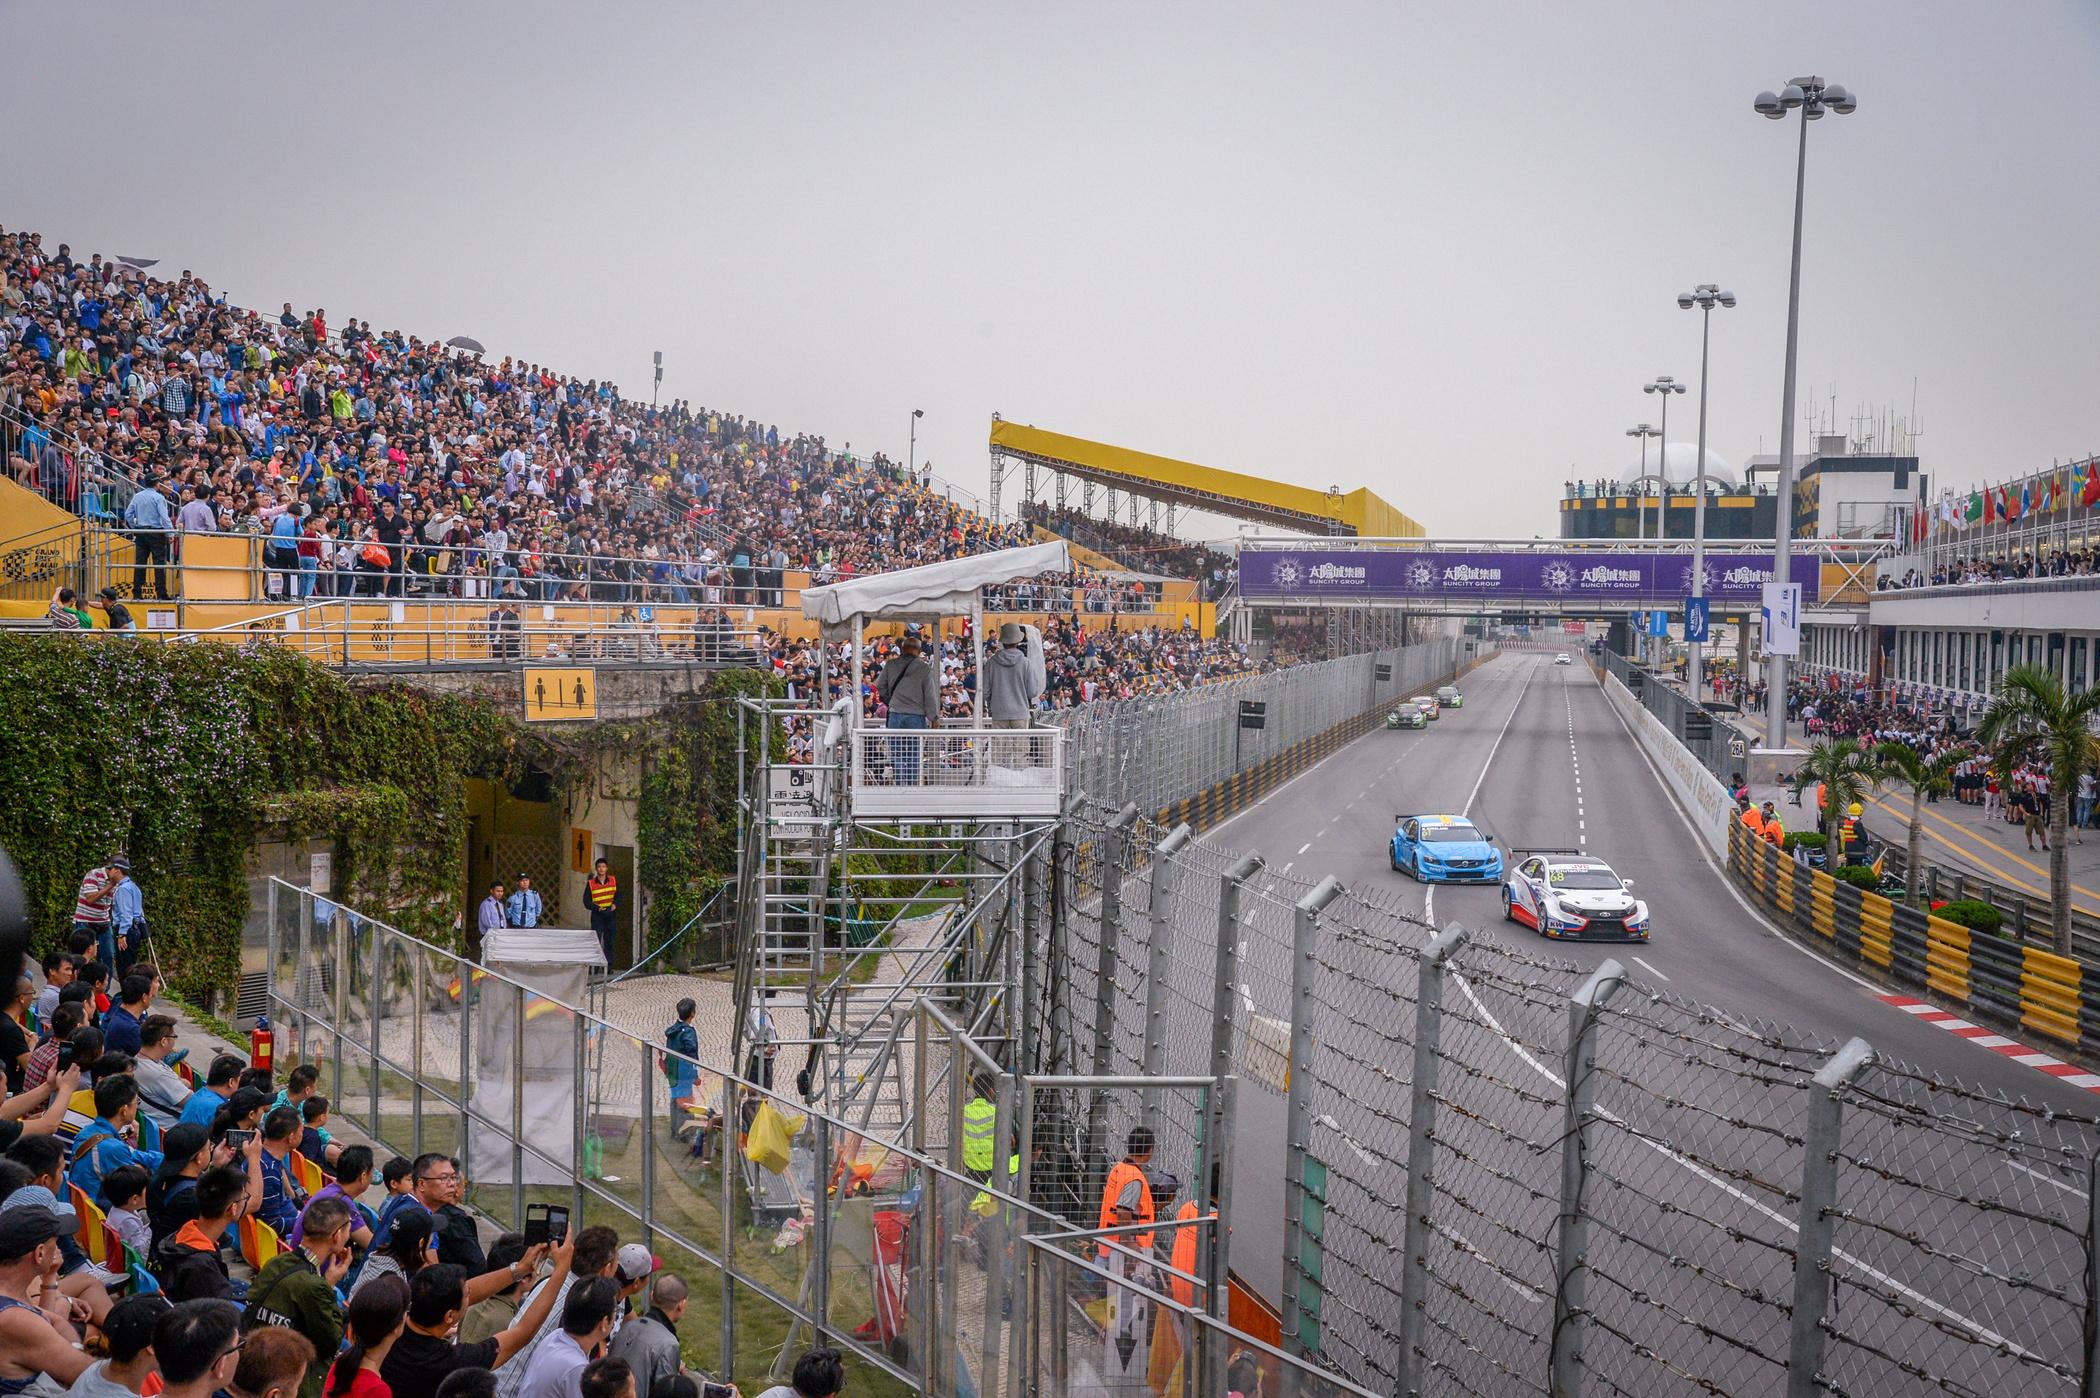 Corrida da Guia – Campeonato do Mundo FIA de Carros de Turismo: O mandarim inglês